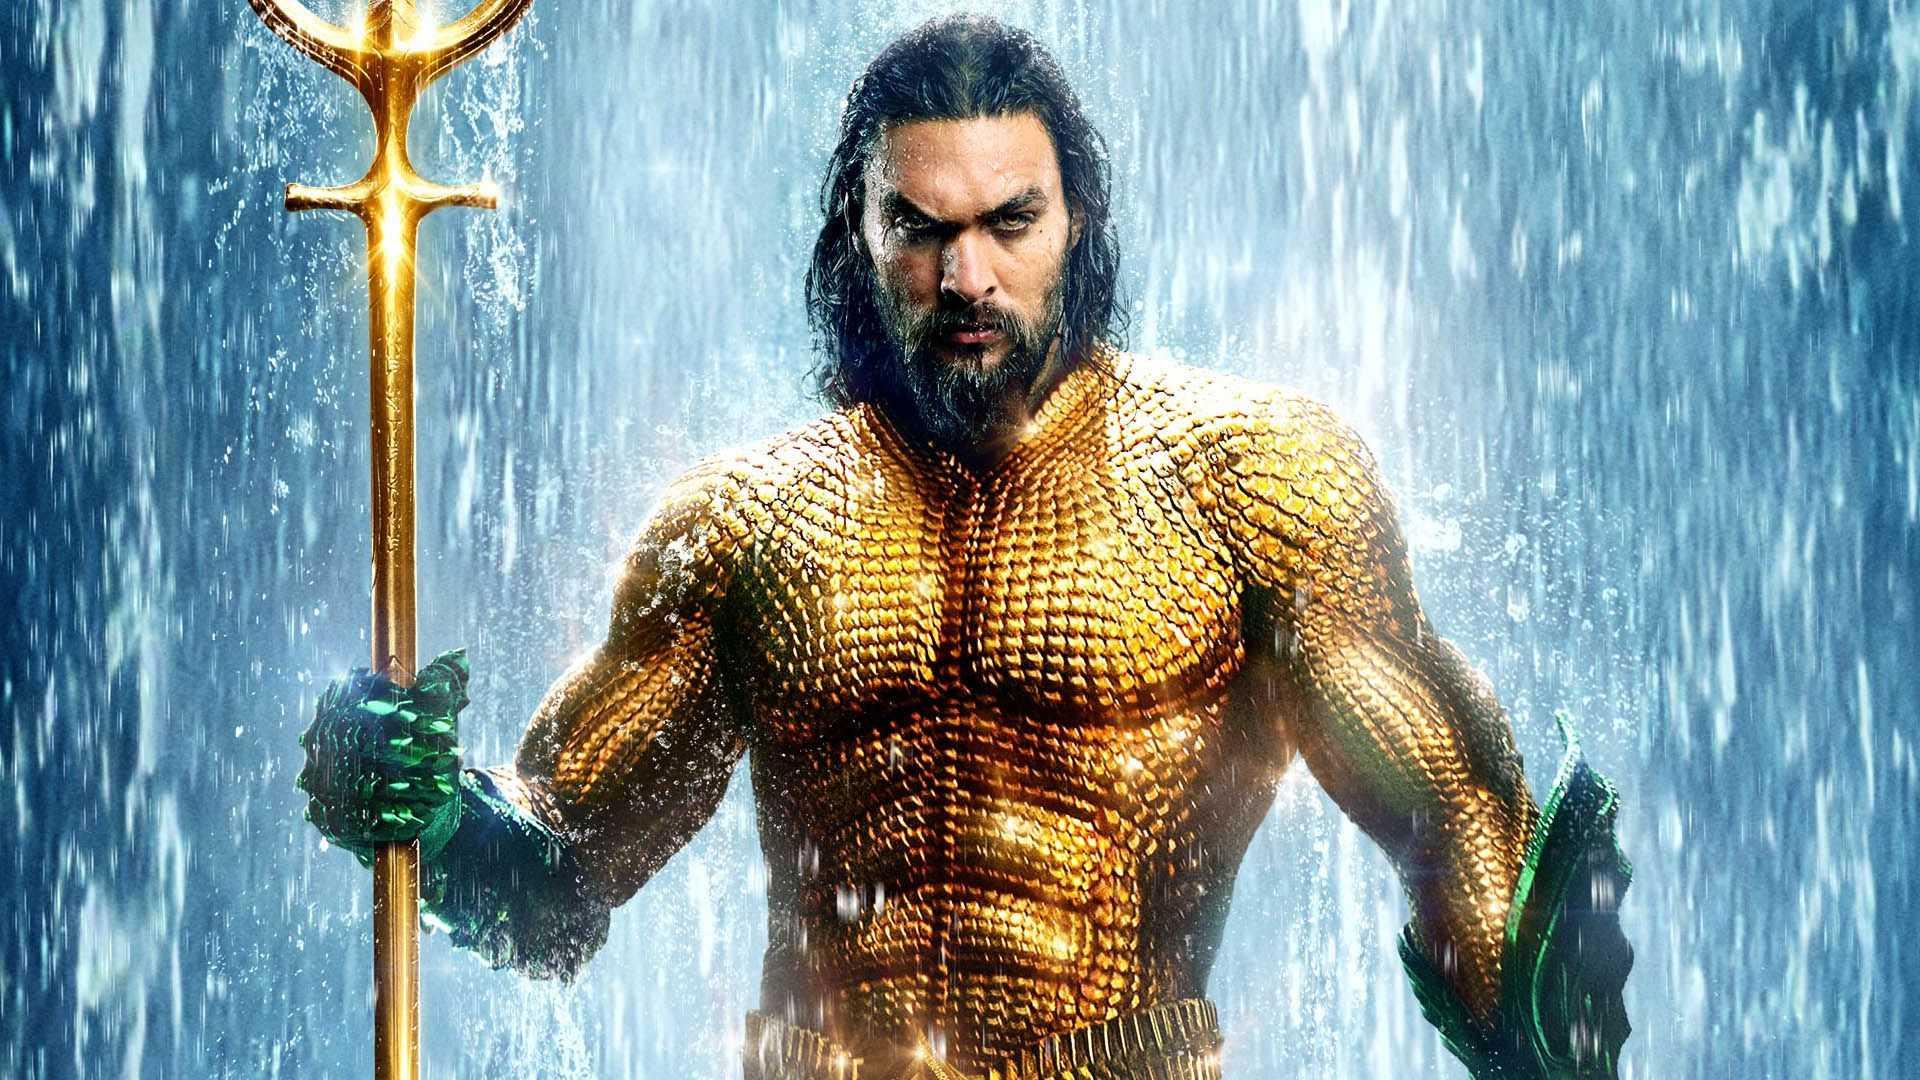 Director James Wan reveals 'Aquaman 2' title